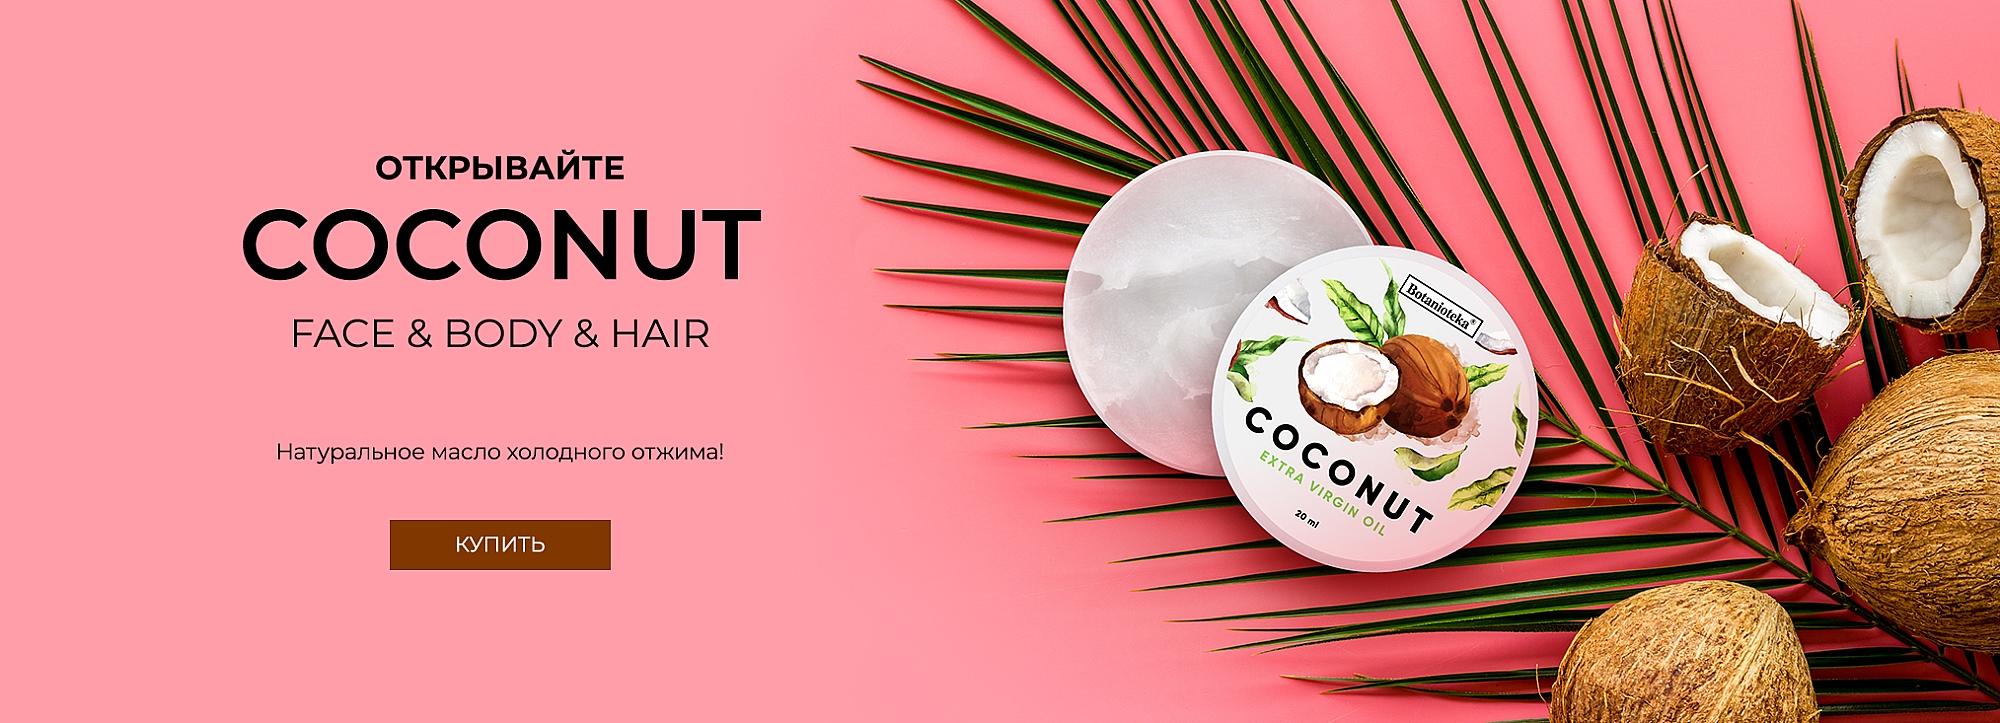 Botanioteka cocnut oil